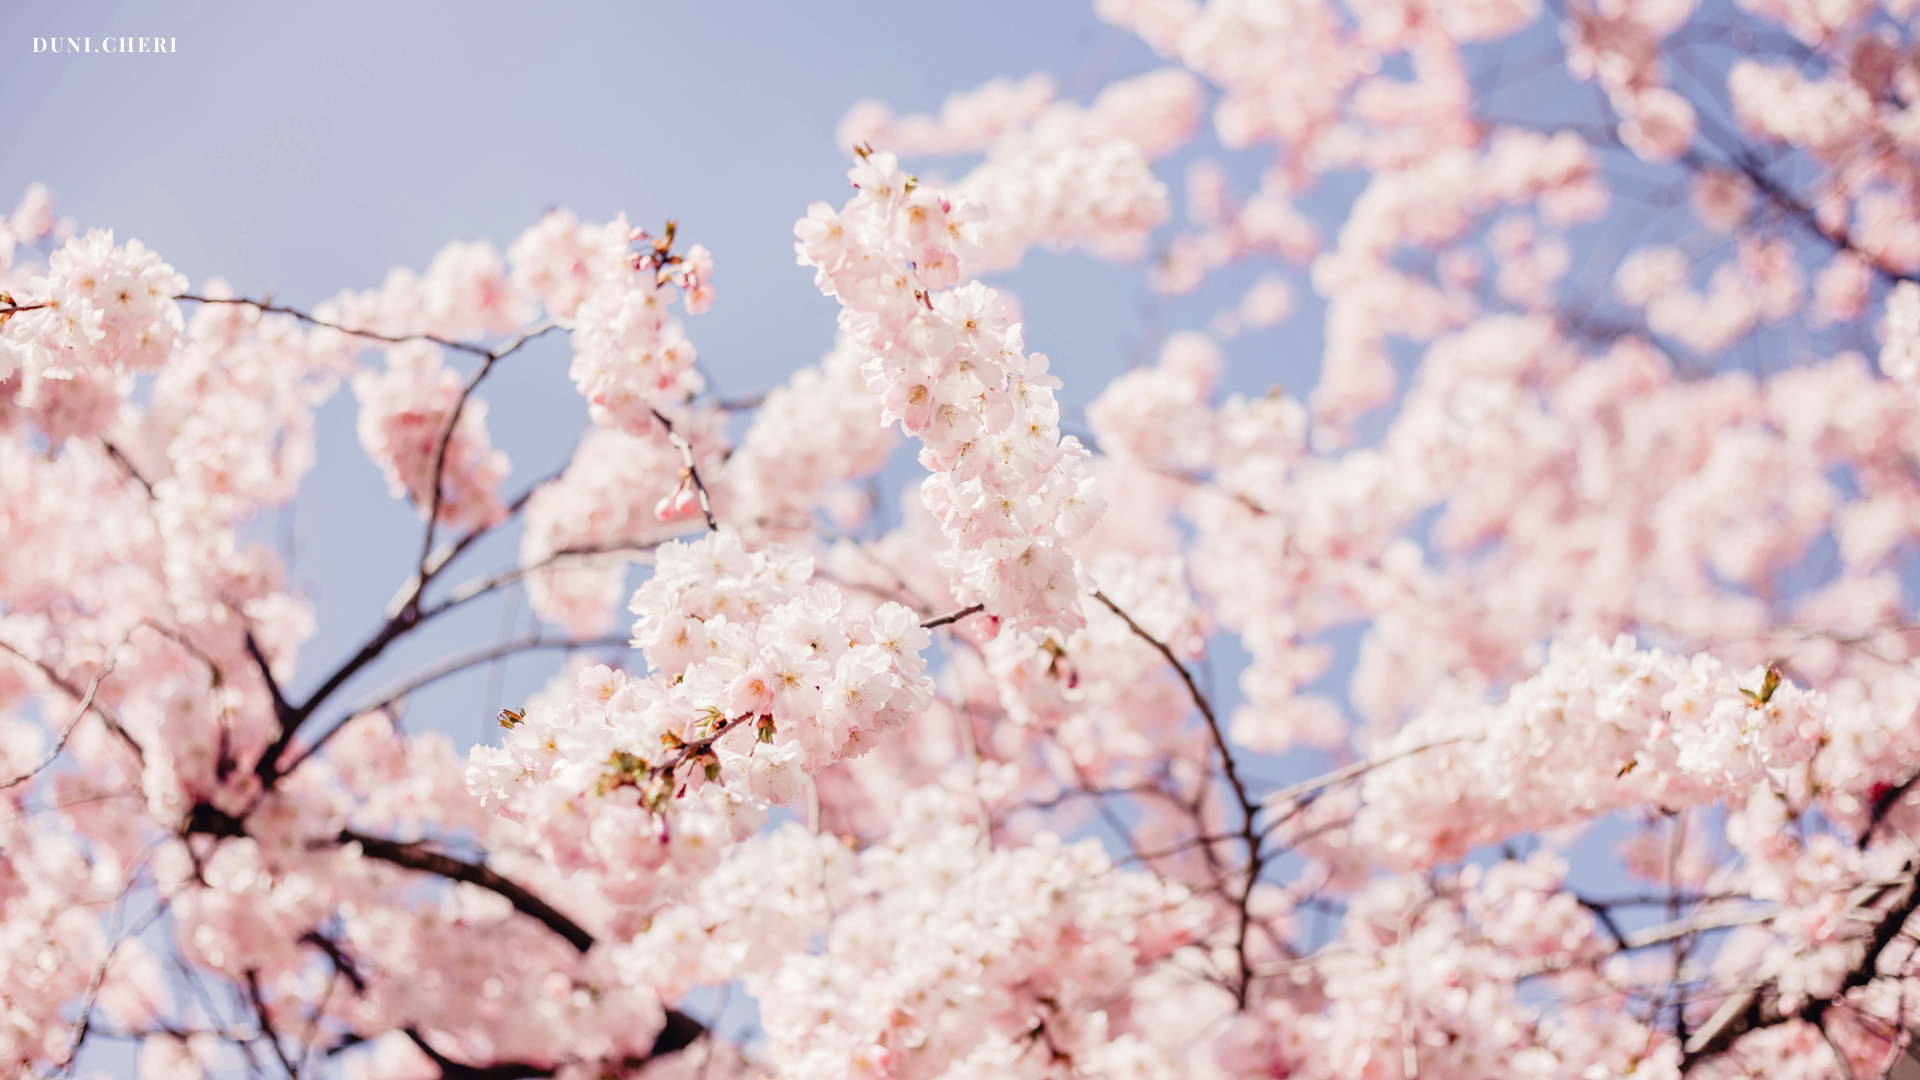 hanami kirschblüten wallpaper free